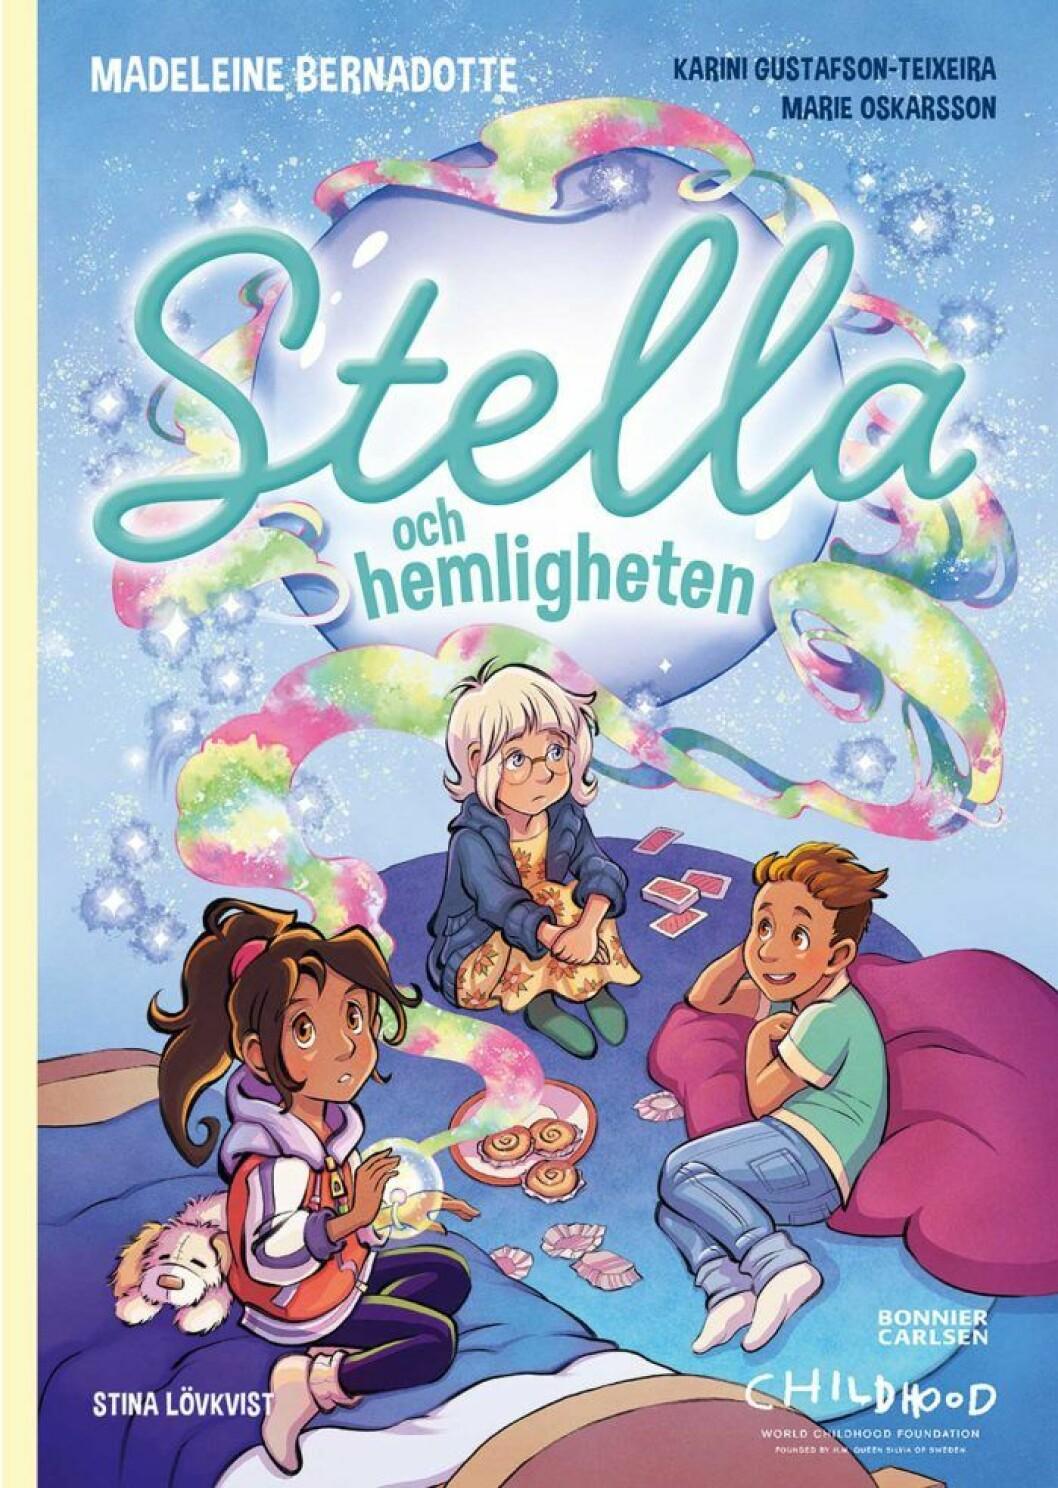 Madeleines barnbok Stella och hemligheten.